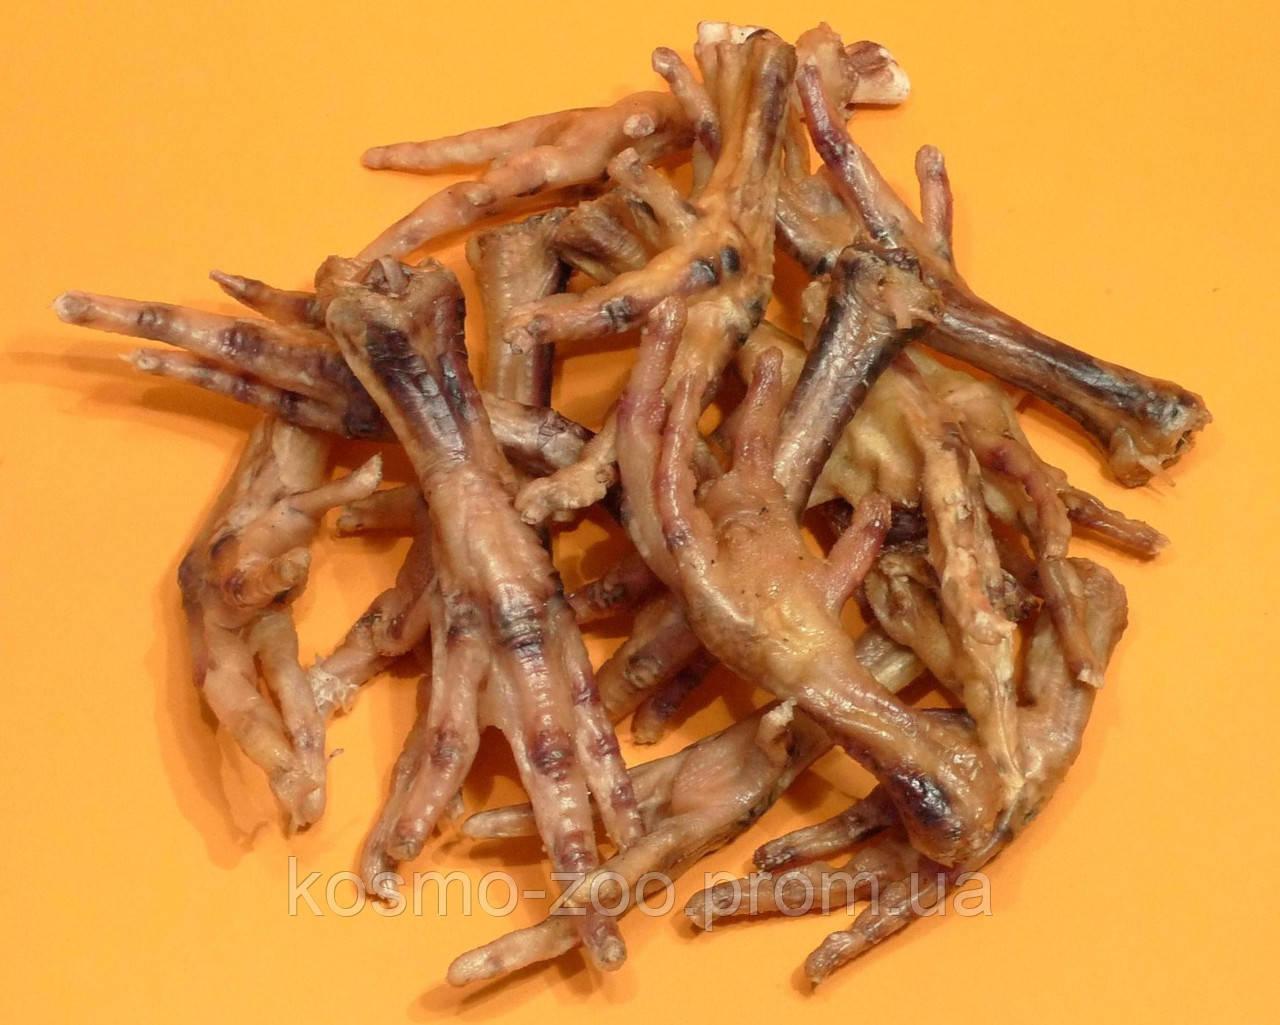 Сушеные лапки куриные (лакомство для собак)